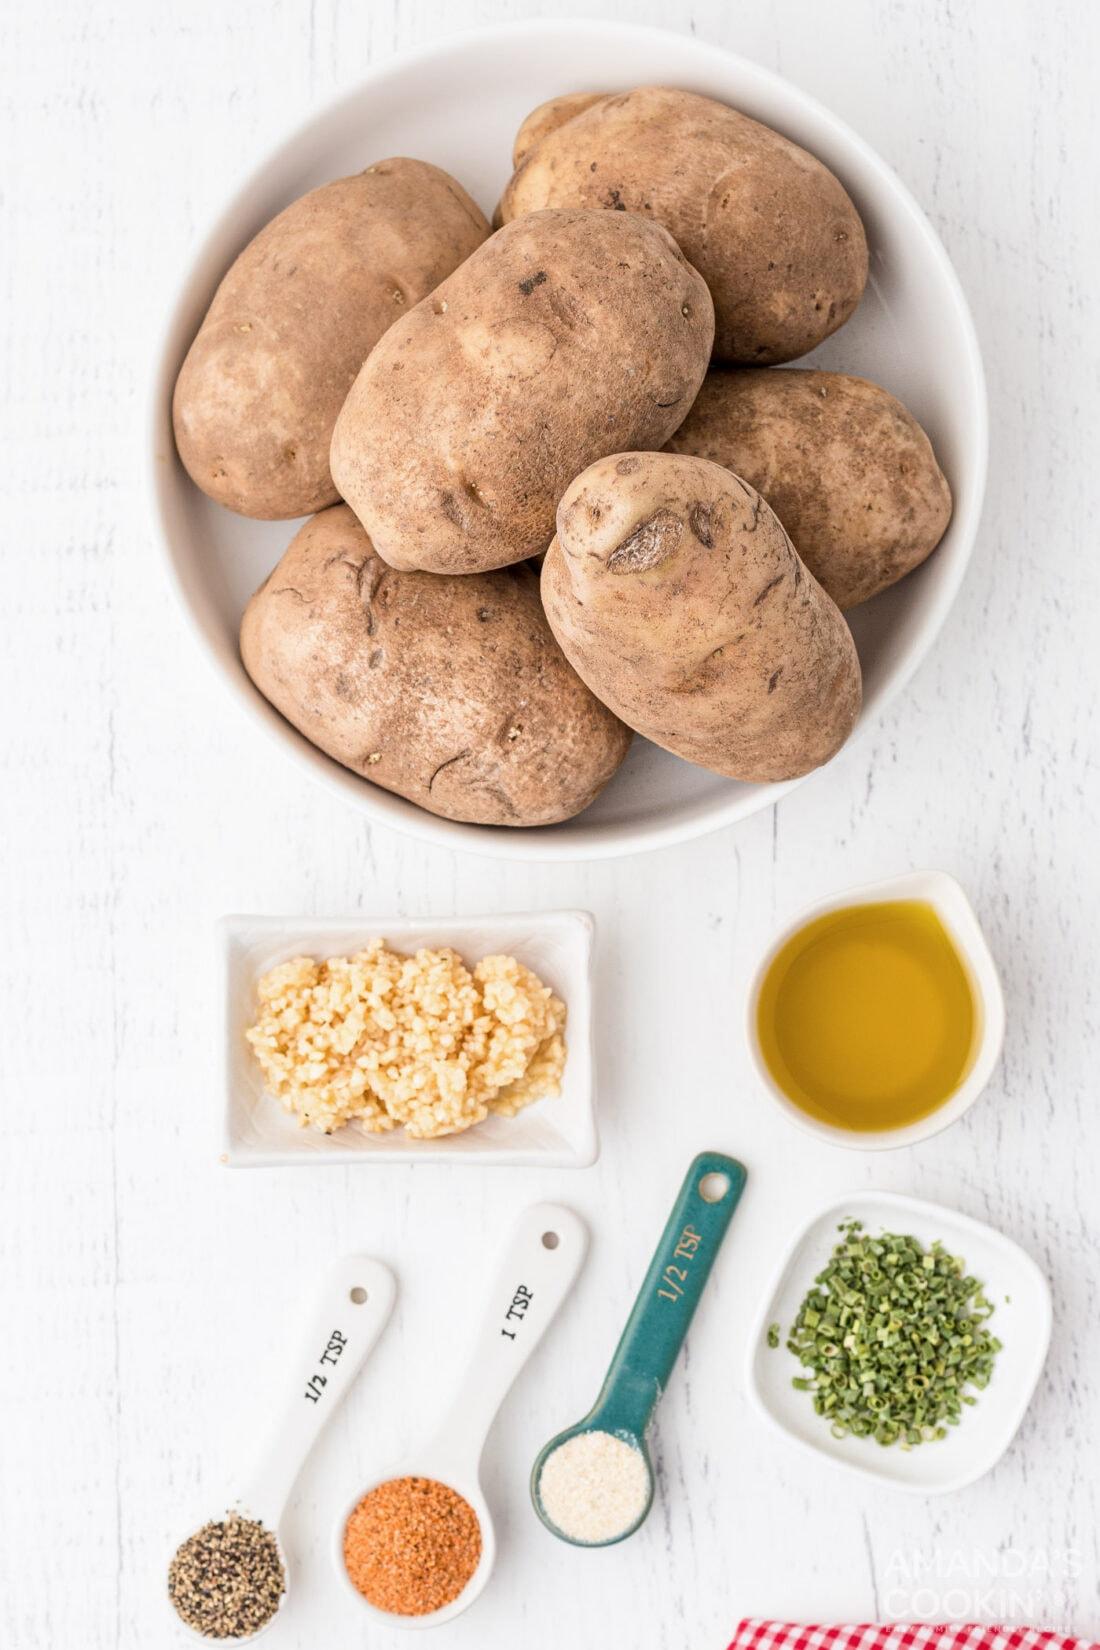 ingredients to make Potato Wedges